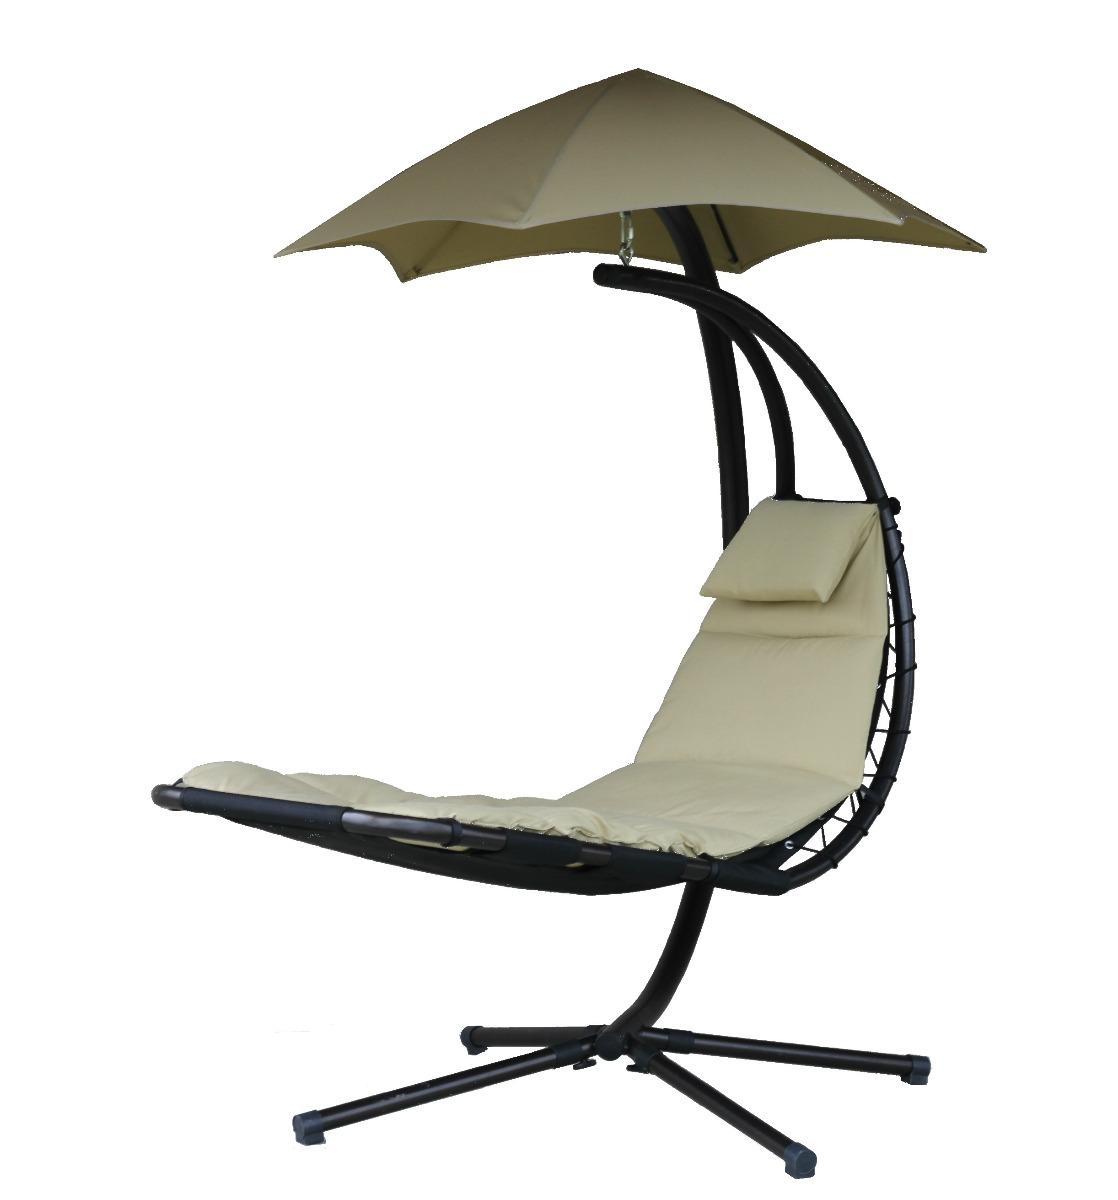 Original 'Dream Chair' sand